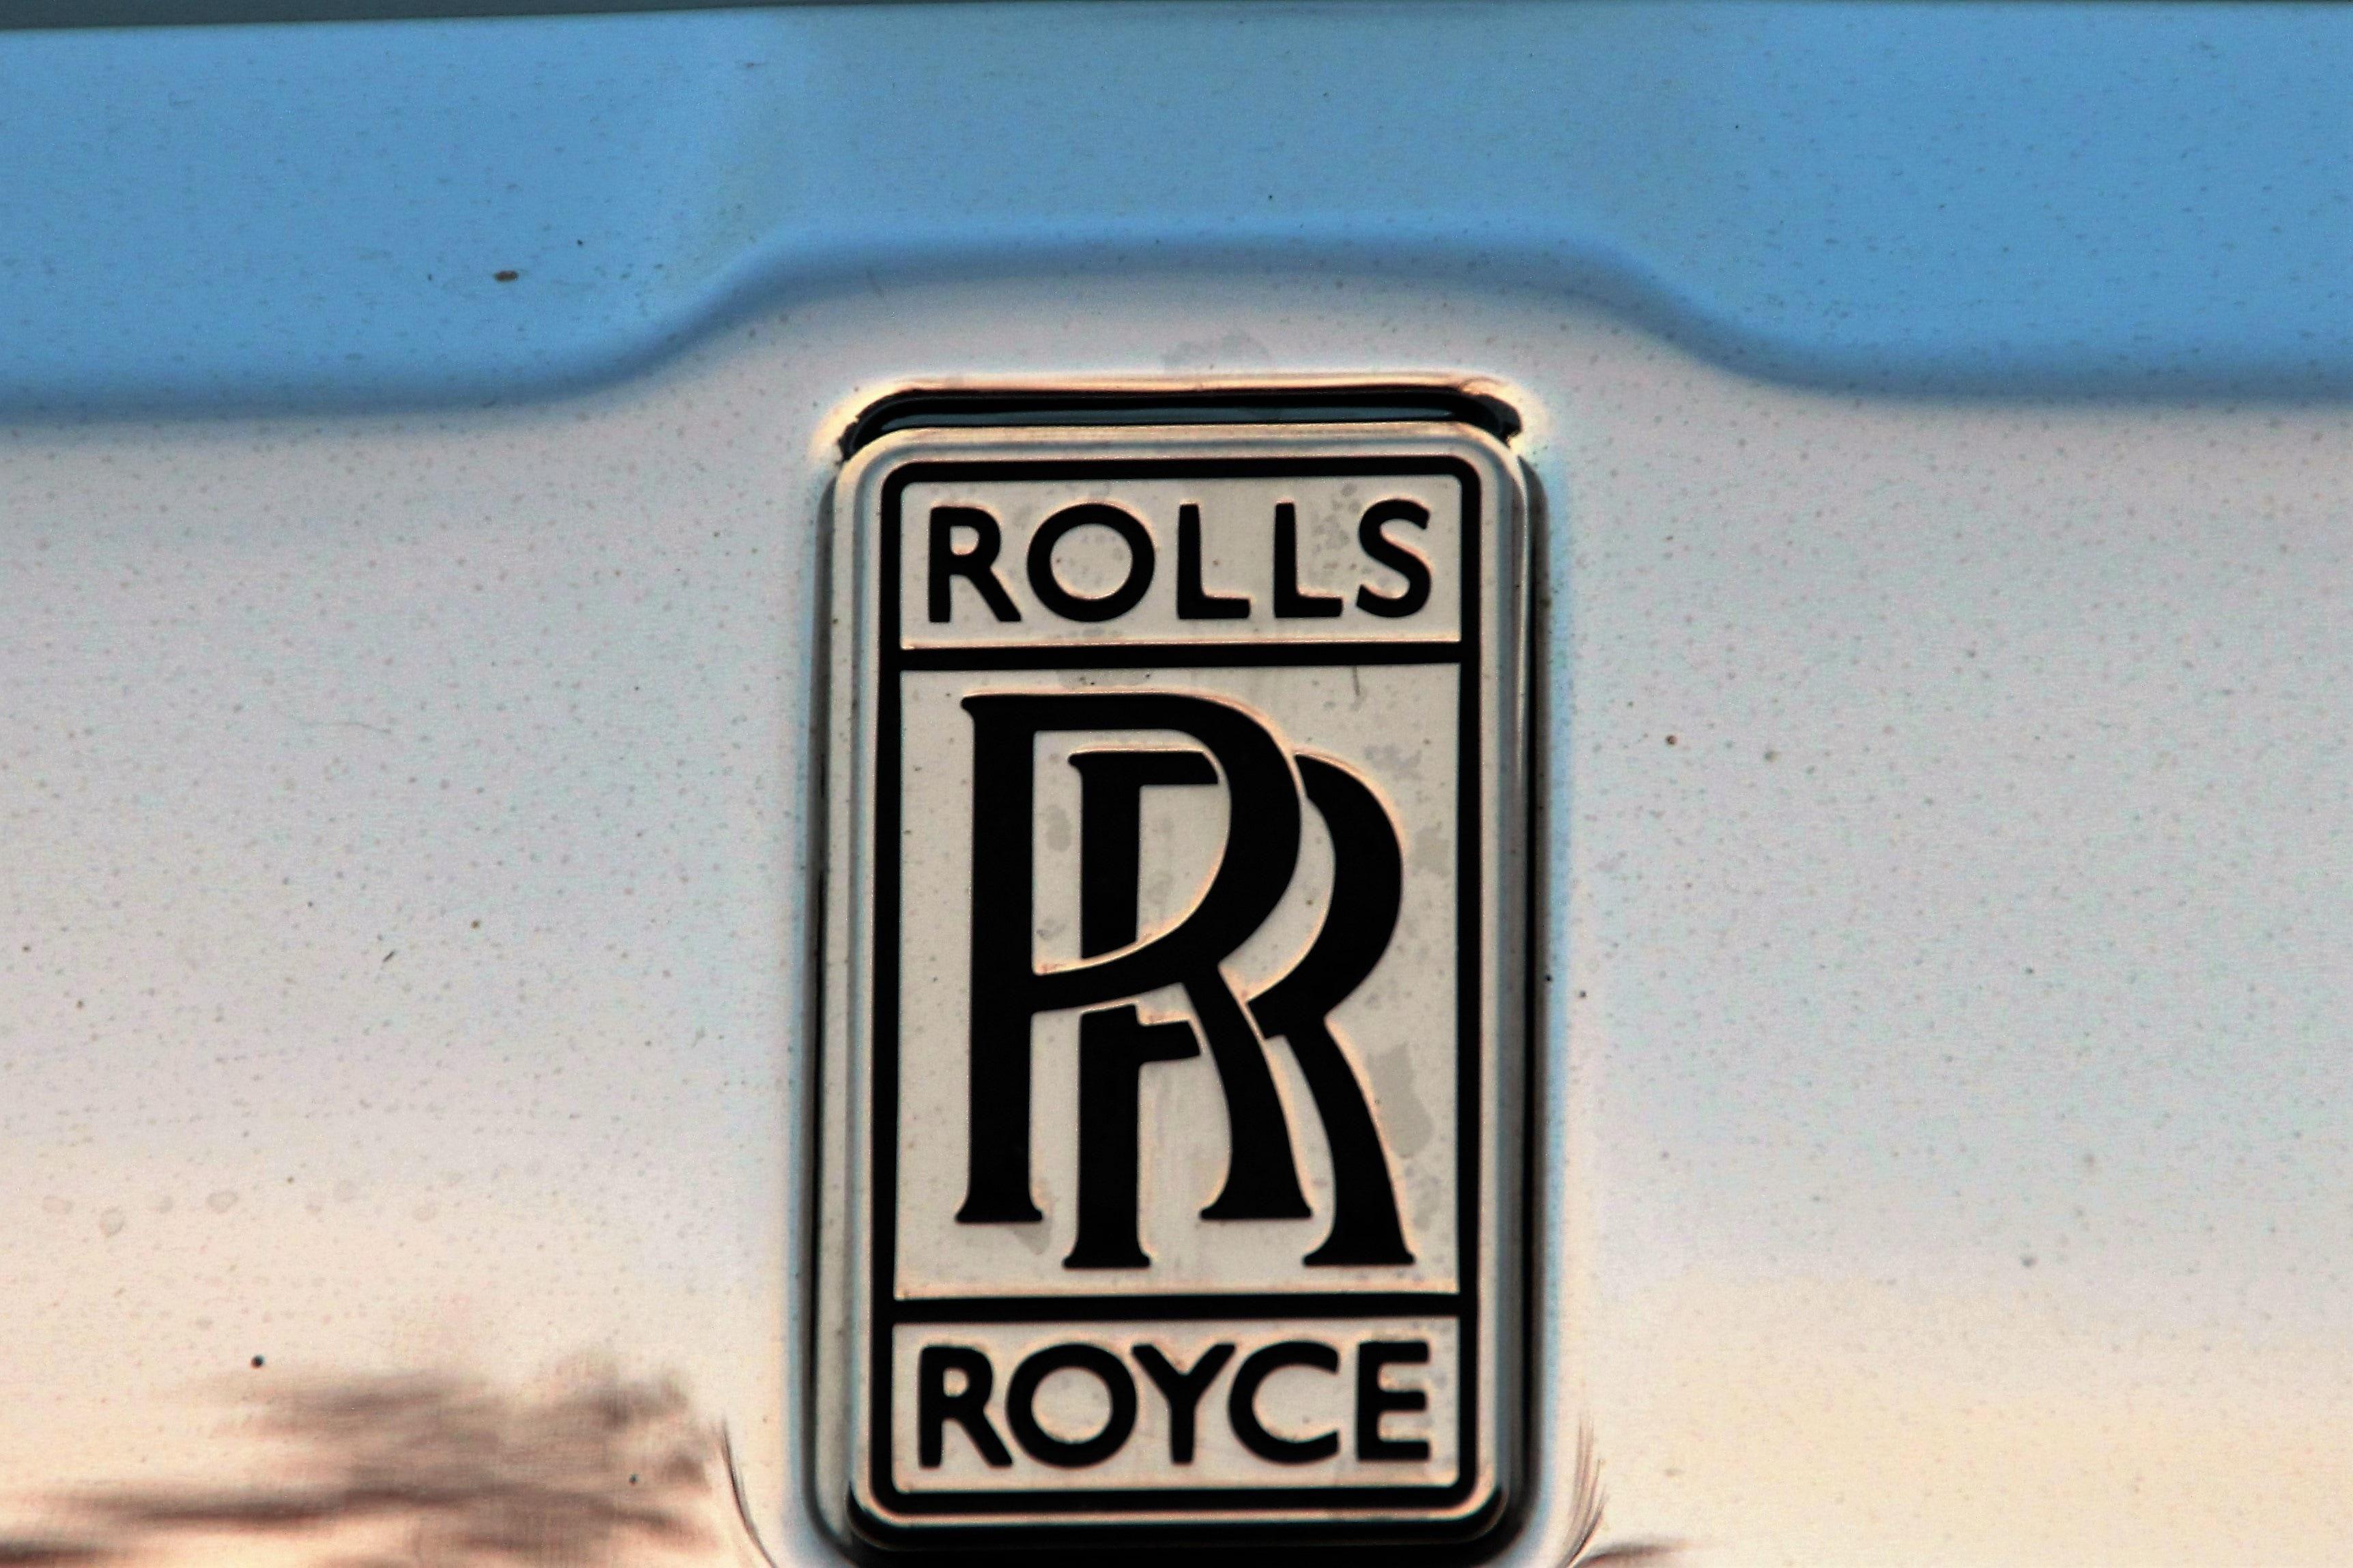 Rolls Royce Logo Wallpaper Group (45+), HD Wallpapers ...